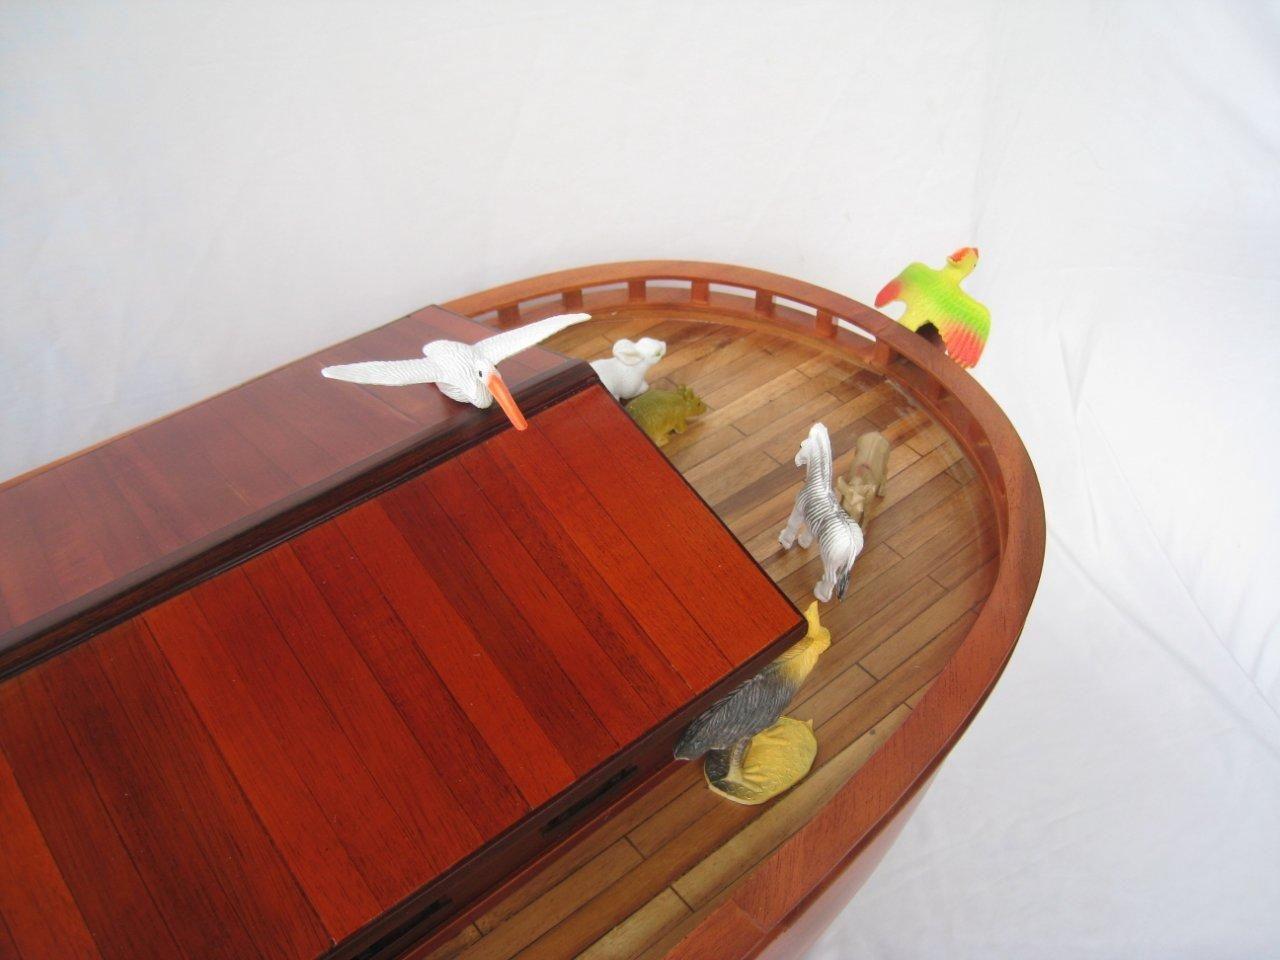 2043-12578-Noahs-Ark-Model-Boat